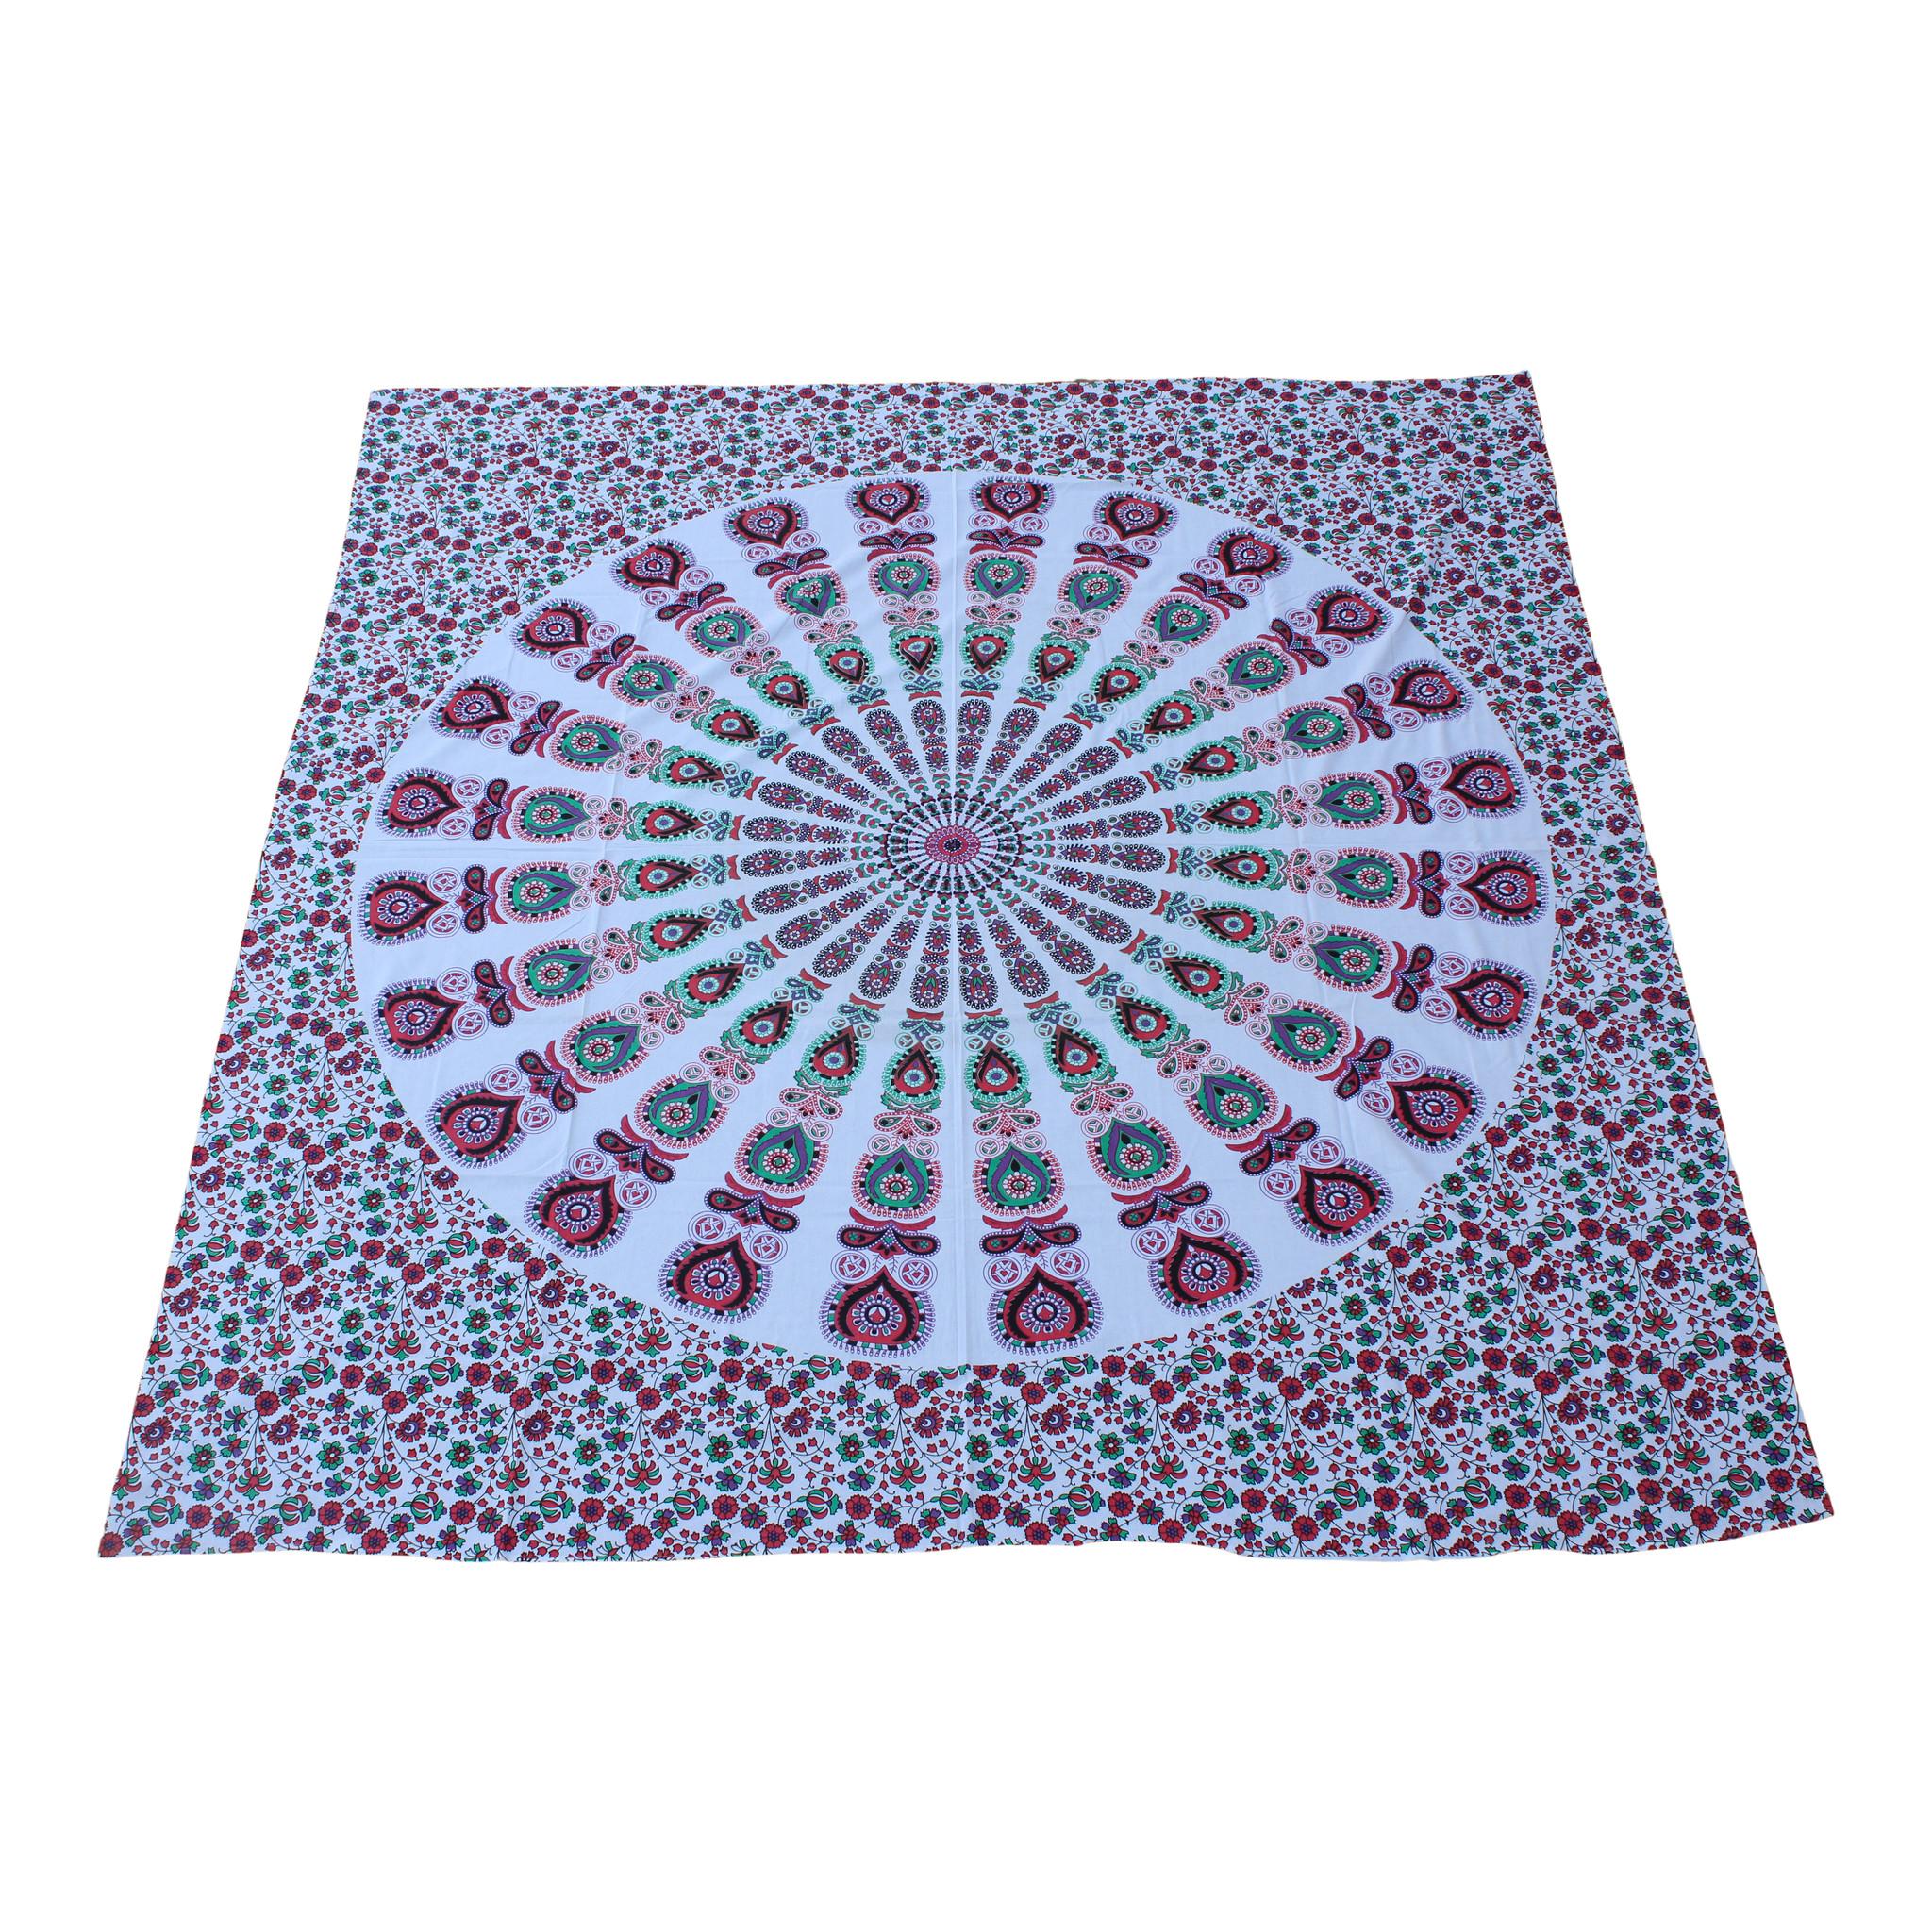 Myroundie Myroundie - roundie - vierkant strandlaken XL – yoga kleed- speelkleed - picknickkleed -100% katoen – Q19